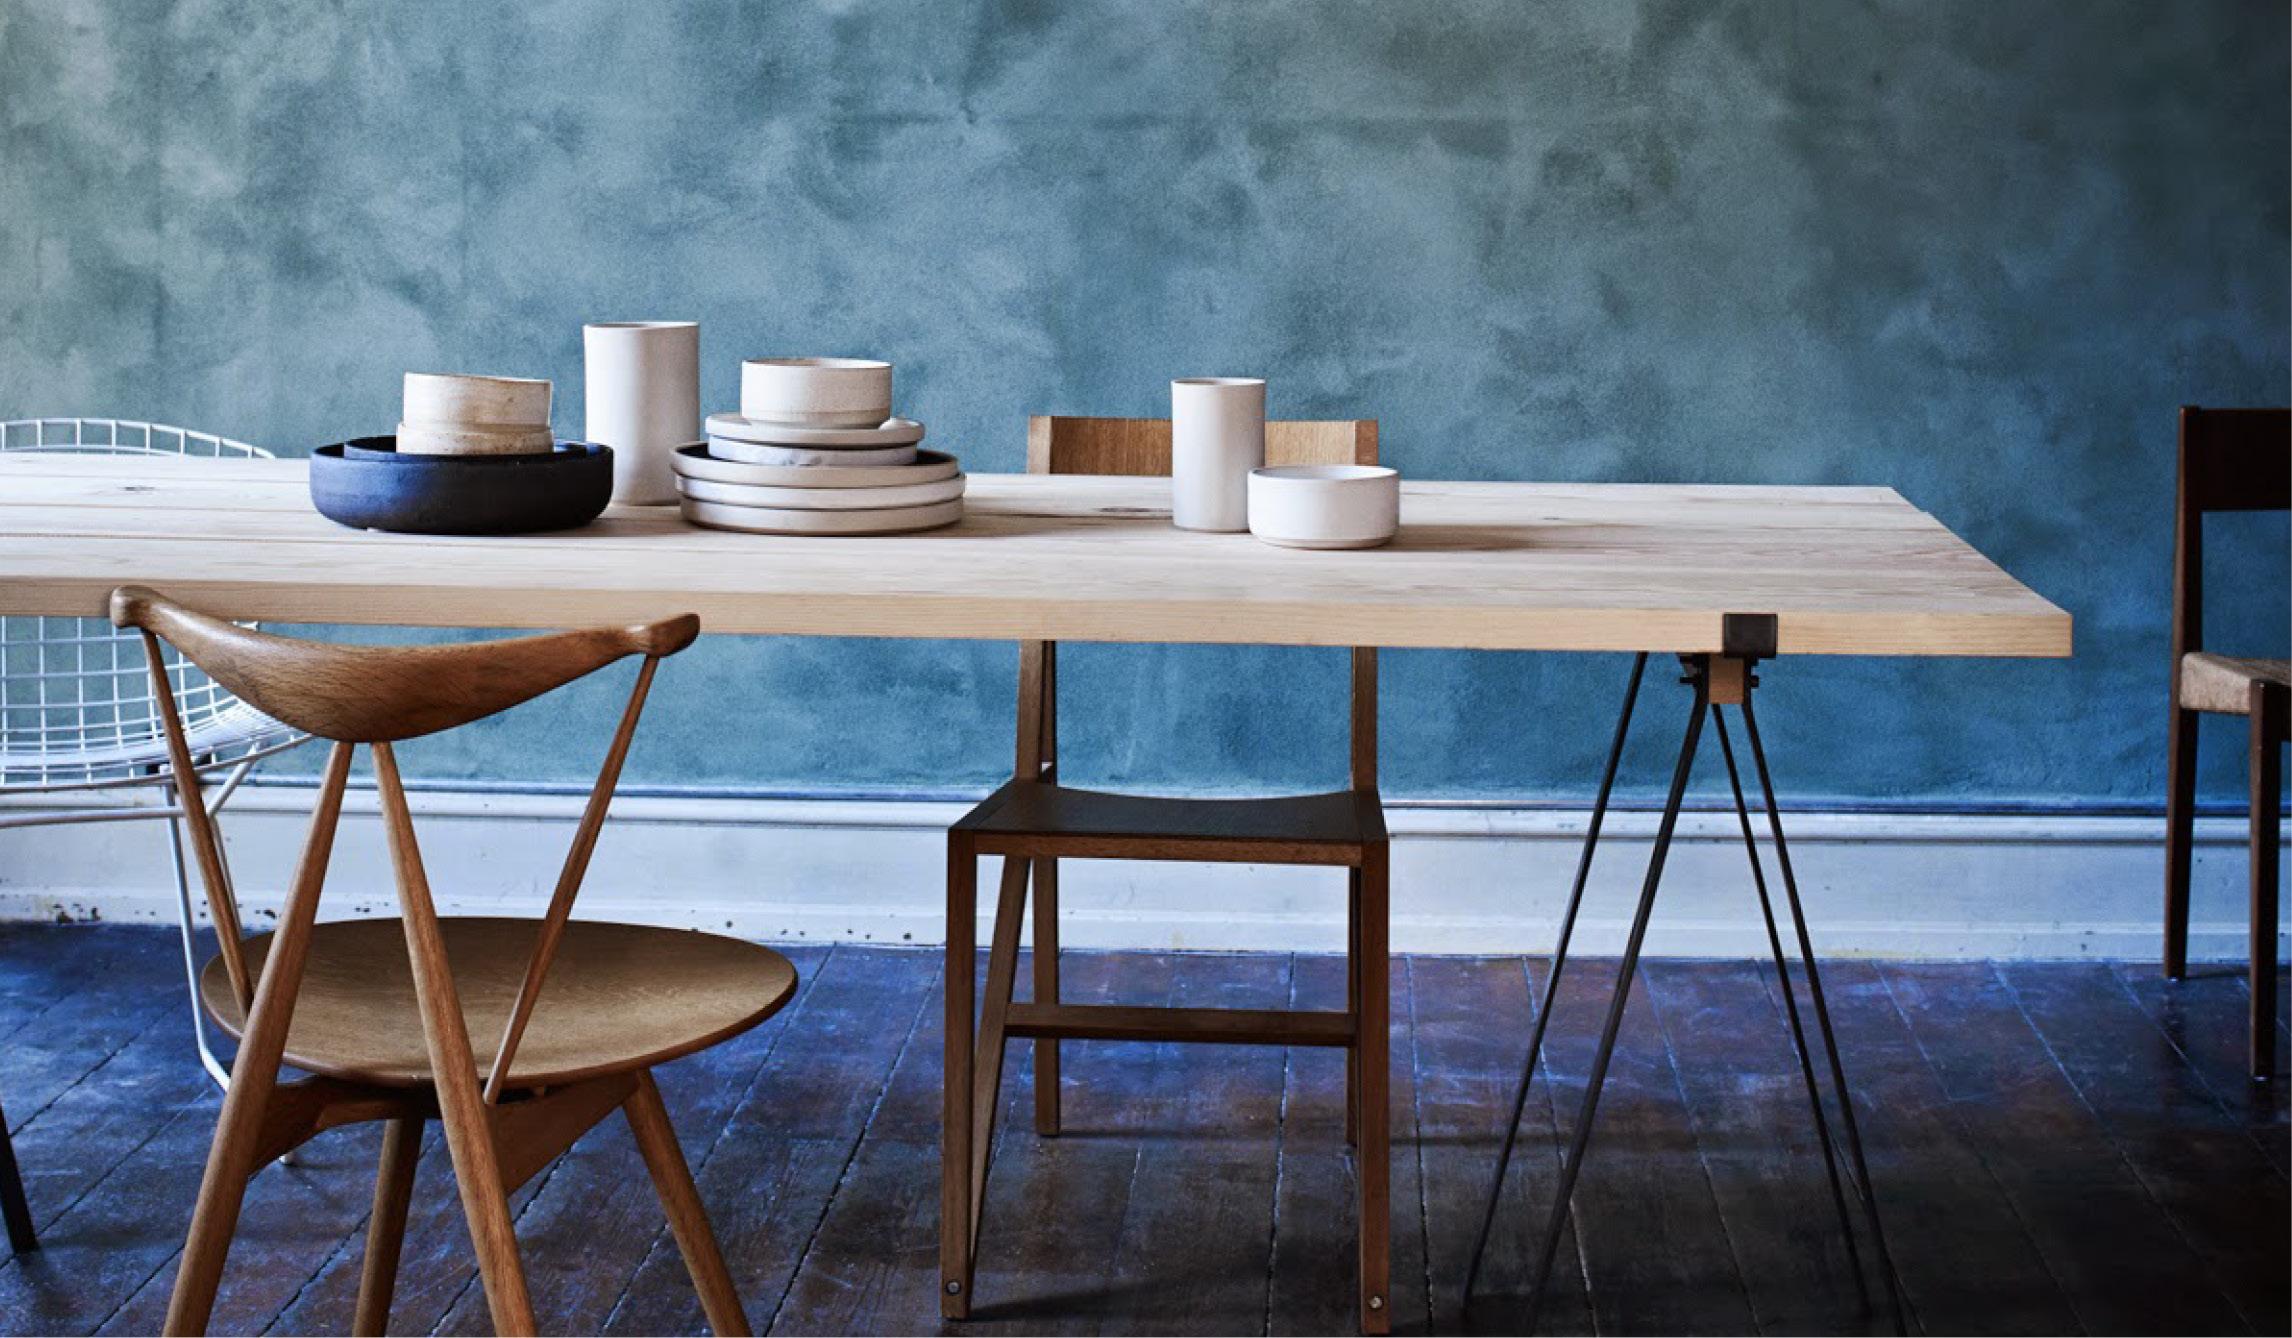 Tendance design japon ambiance d co kinfolk goodmoods for Table design japon